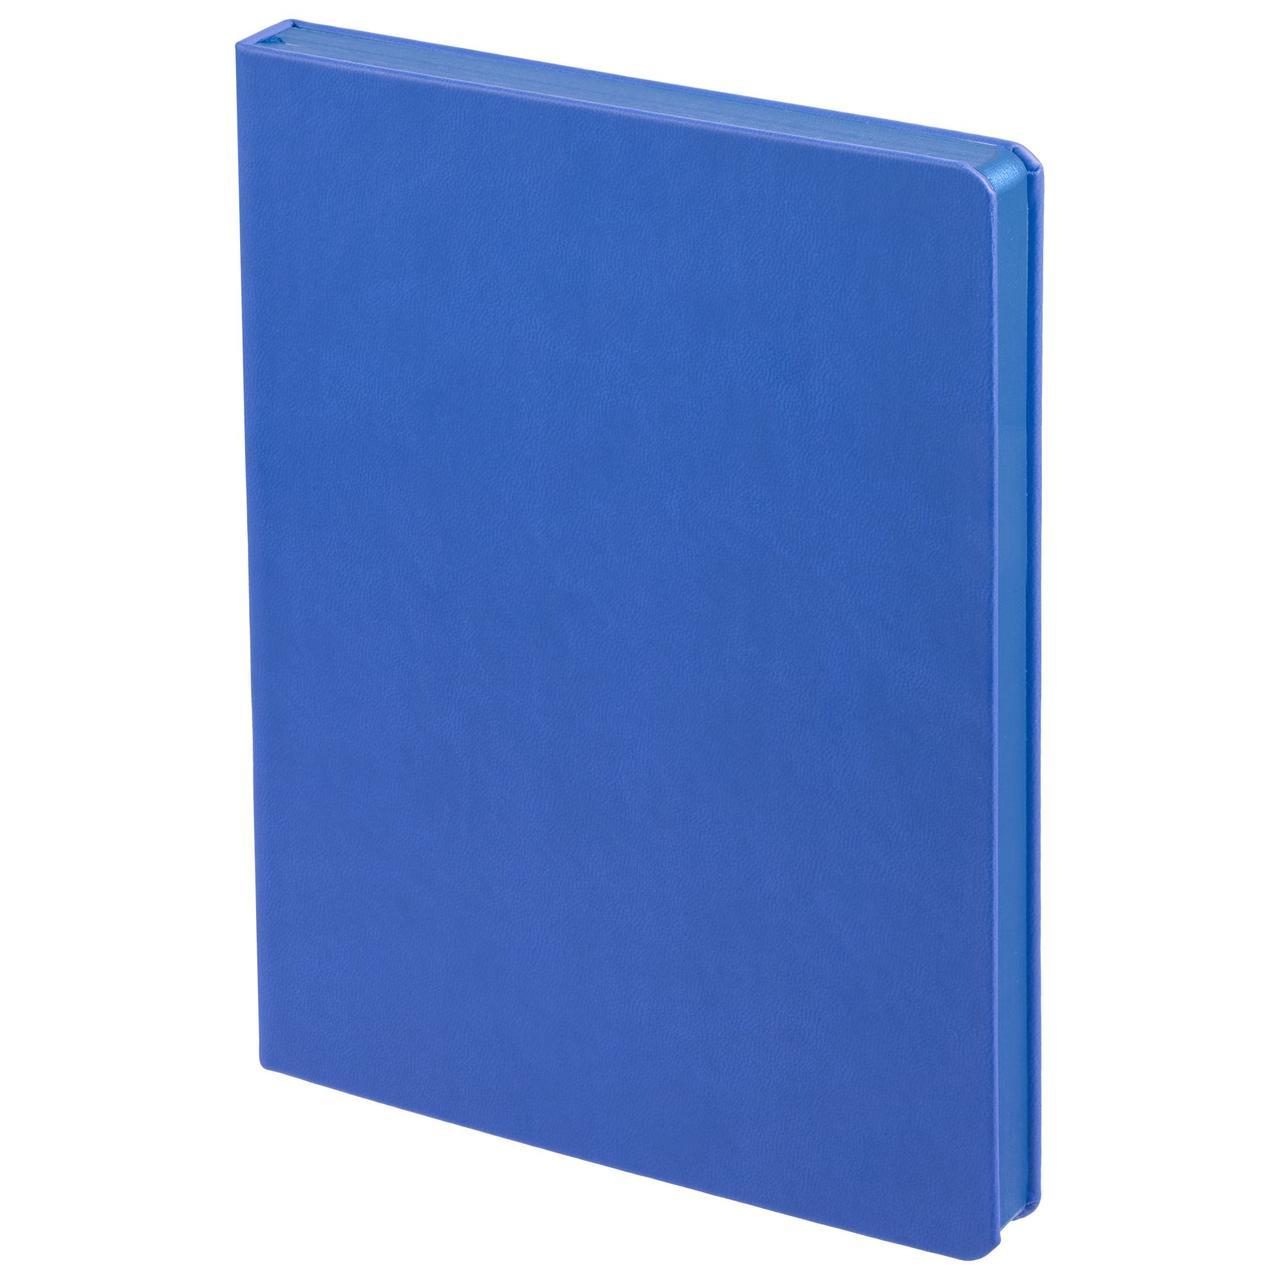 Ежедневник Brand Tone, недатированный, светло-синий (артикул 17882.44)